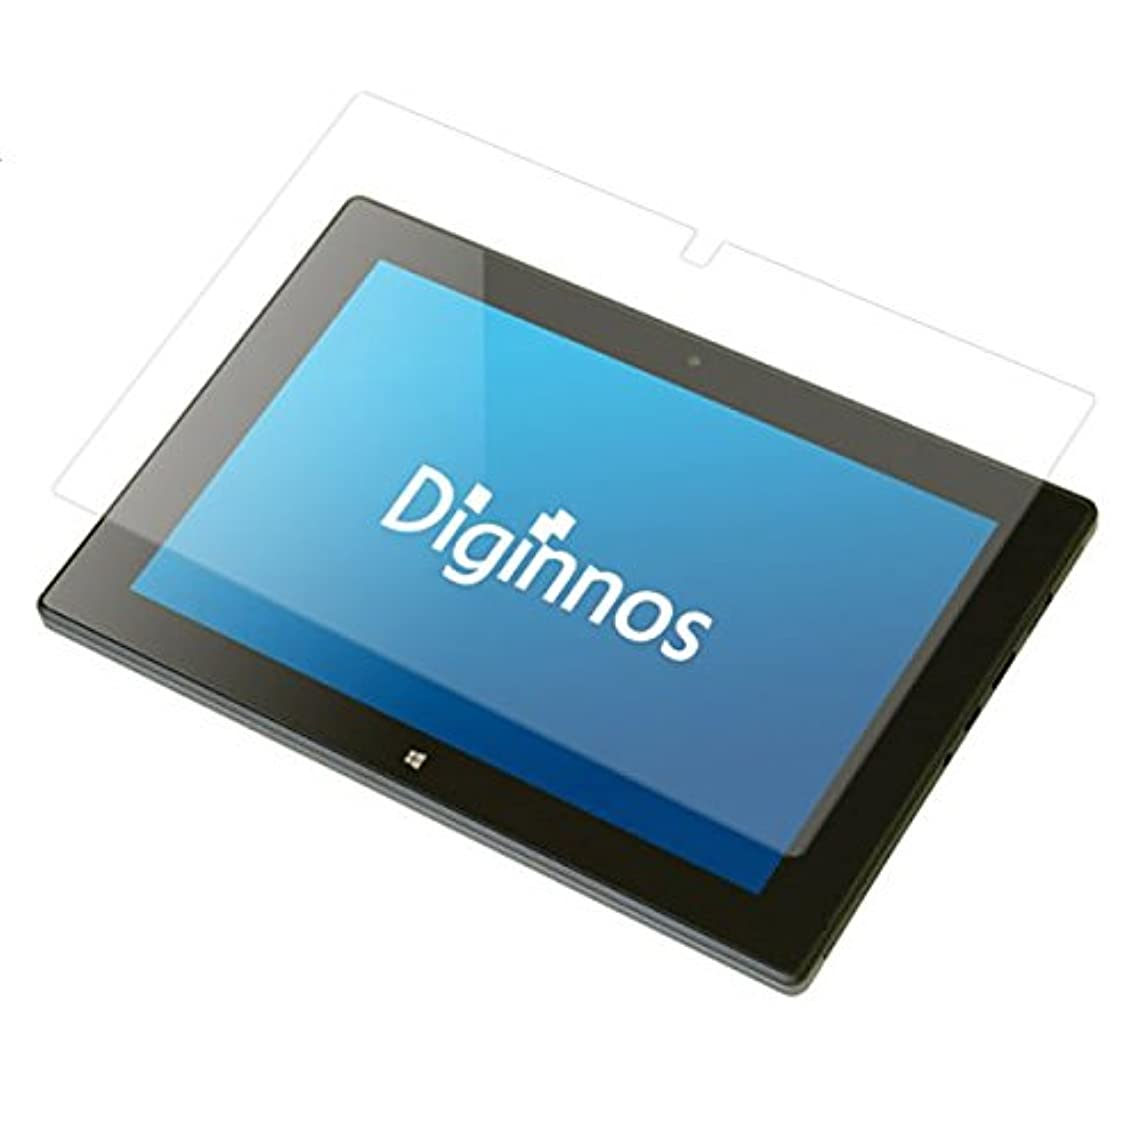 うれしい感性識字ドスパラ Diginnos Tablet DG-D09IW2 8.9?????????用 液晶保護フィルム  防指紋(クリア)タイプ